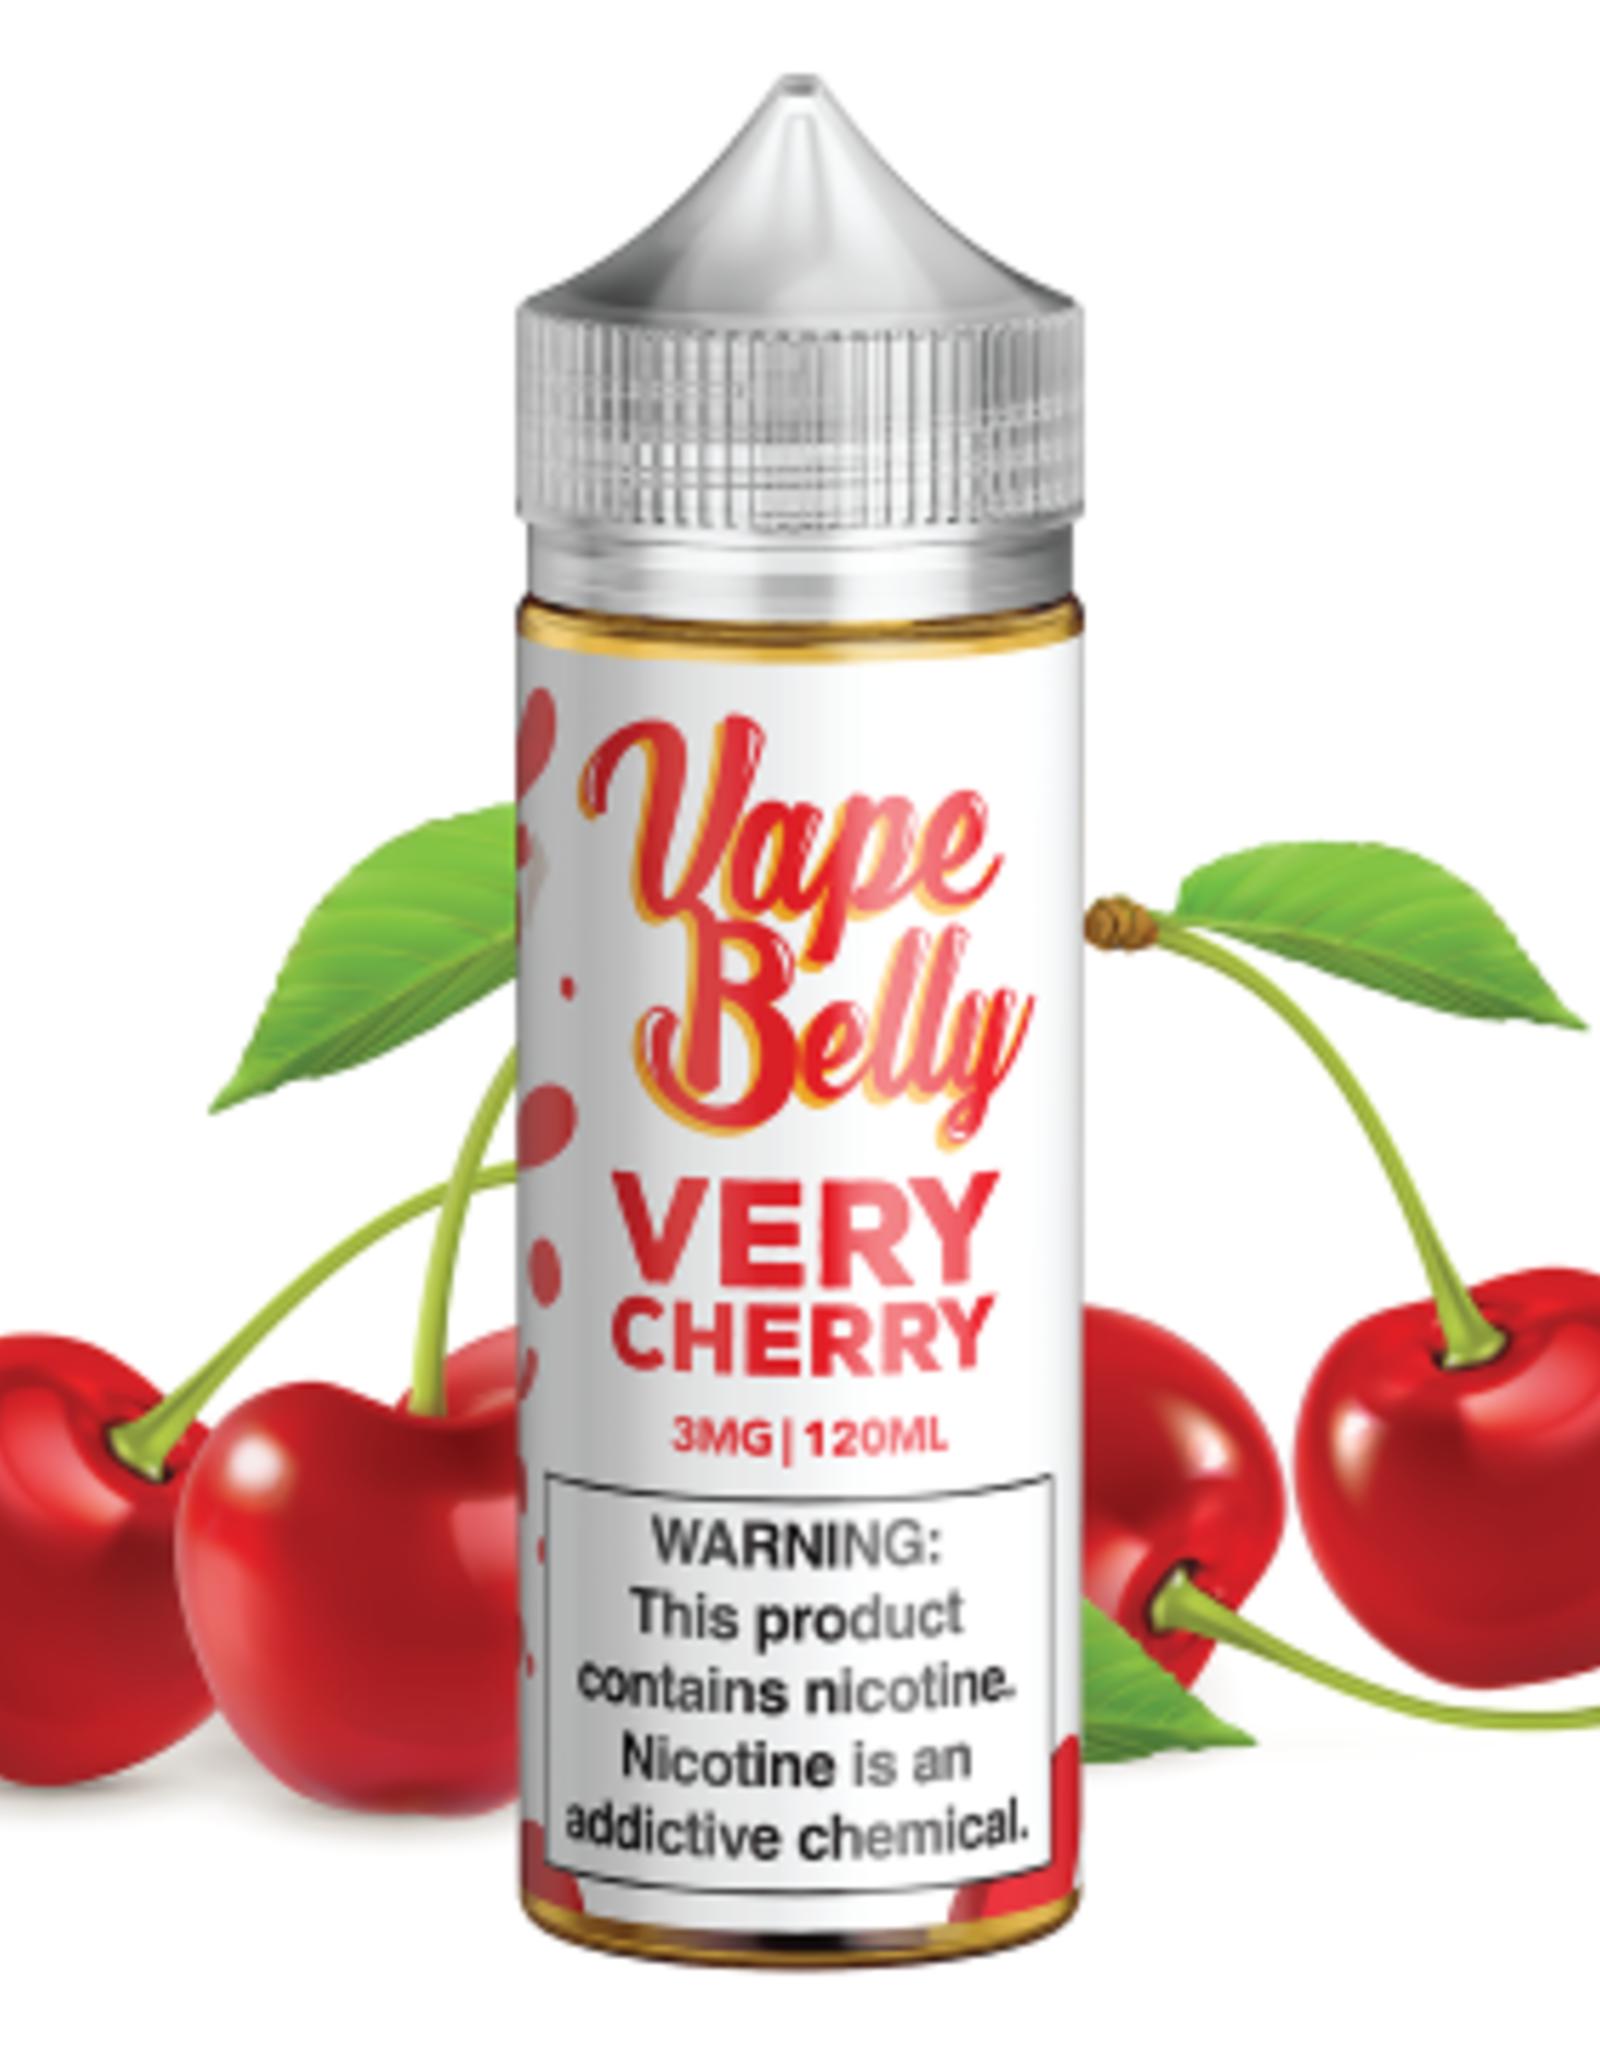 Vape Belly Very Cherry By Vape Belly